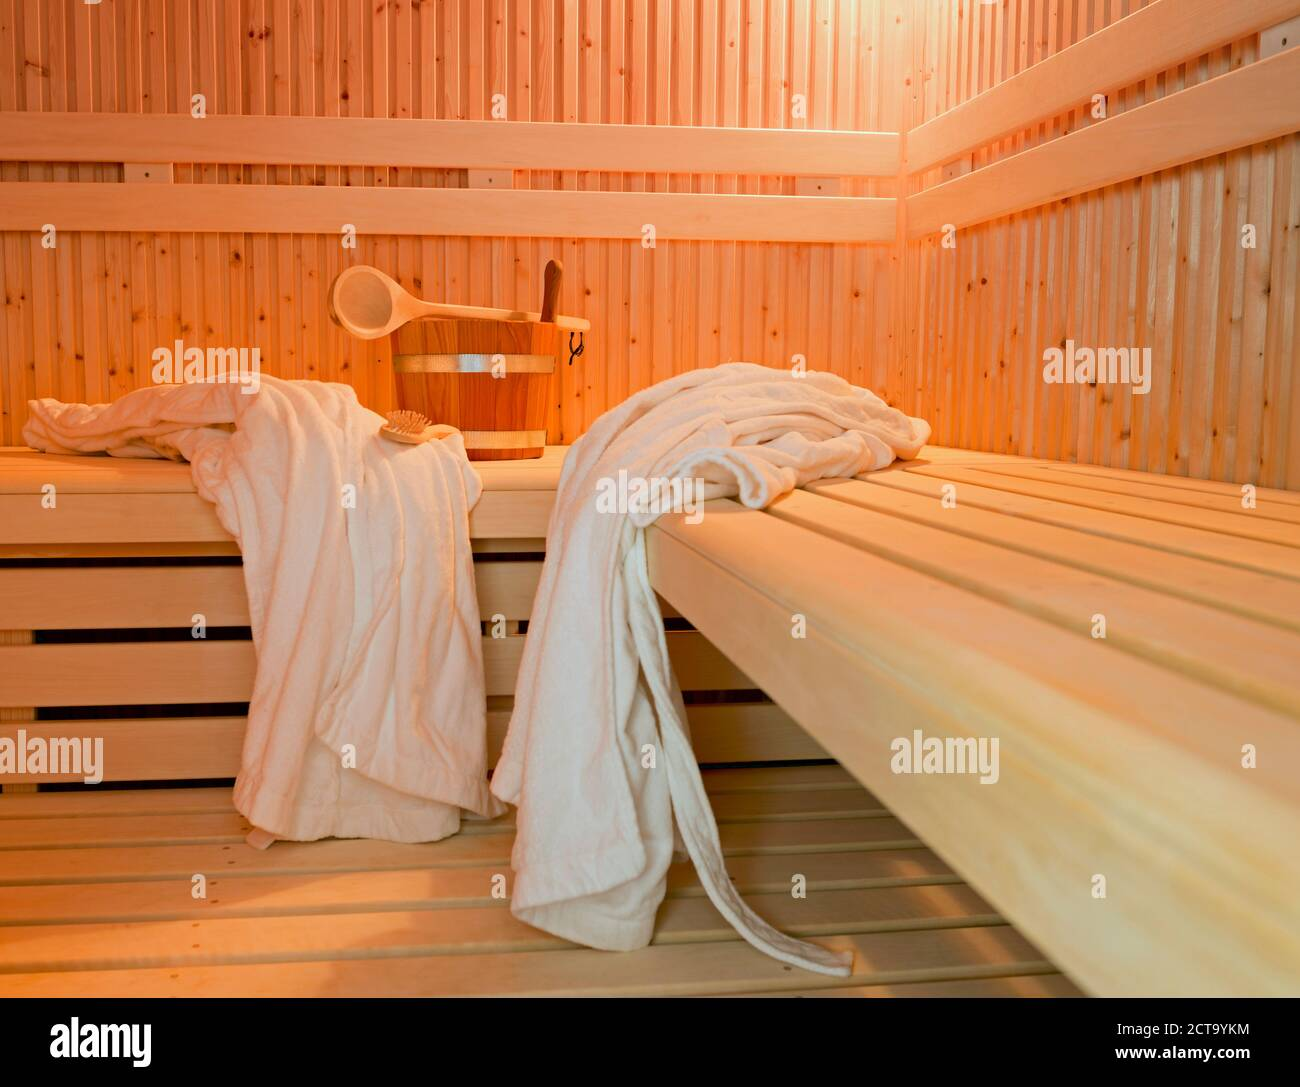 Sauna deutsche eiche HOTEL DEUTSCHE